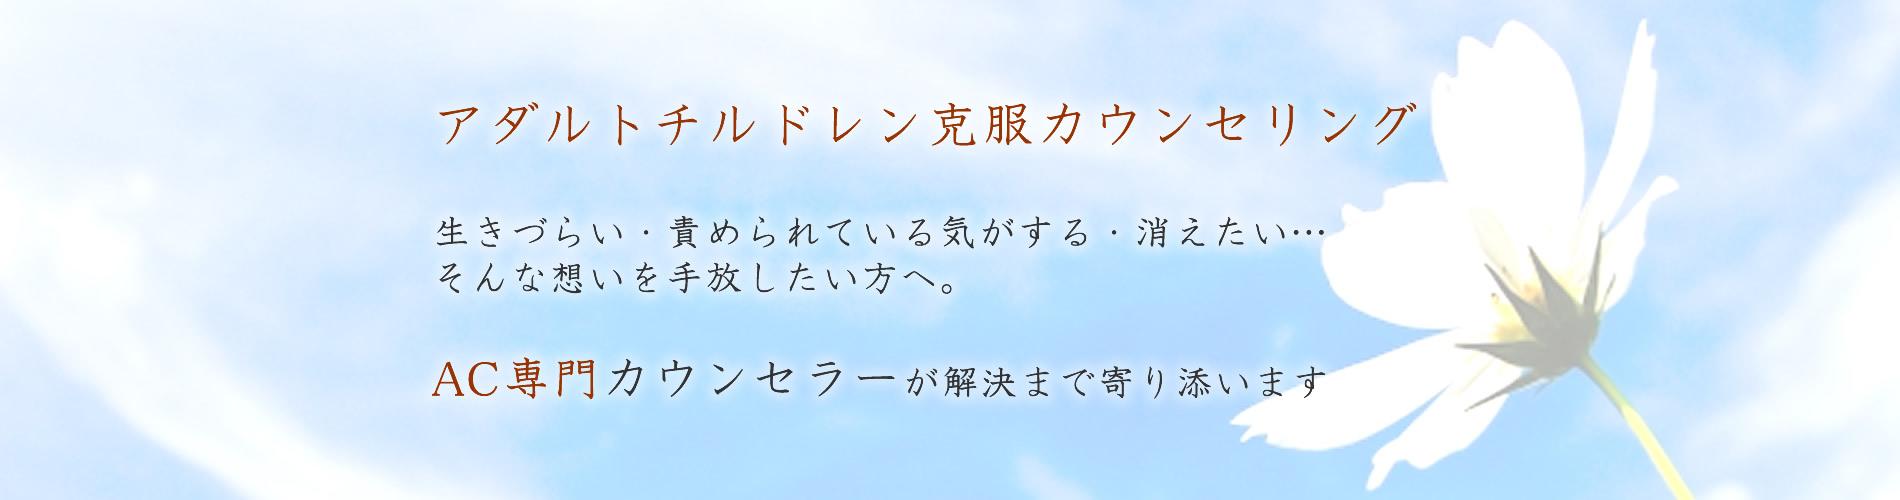 アダルトチルドレン専門カウンセリング(大阪)「ひとりで悩む前に」